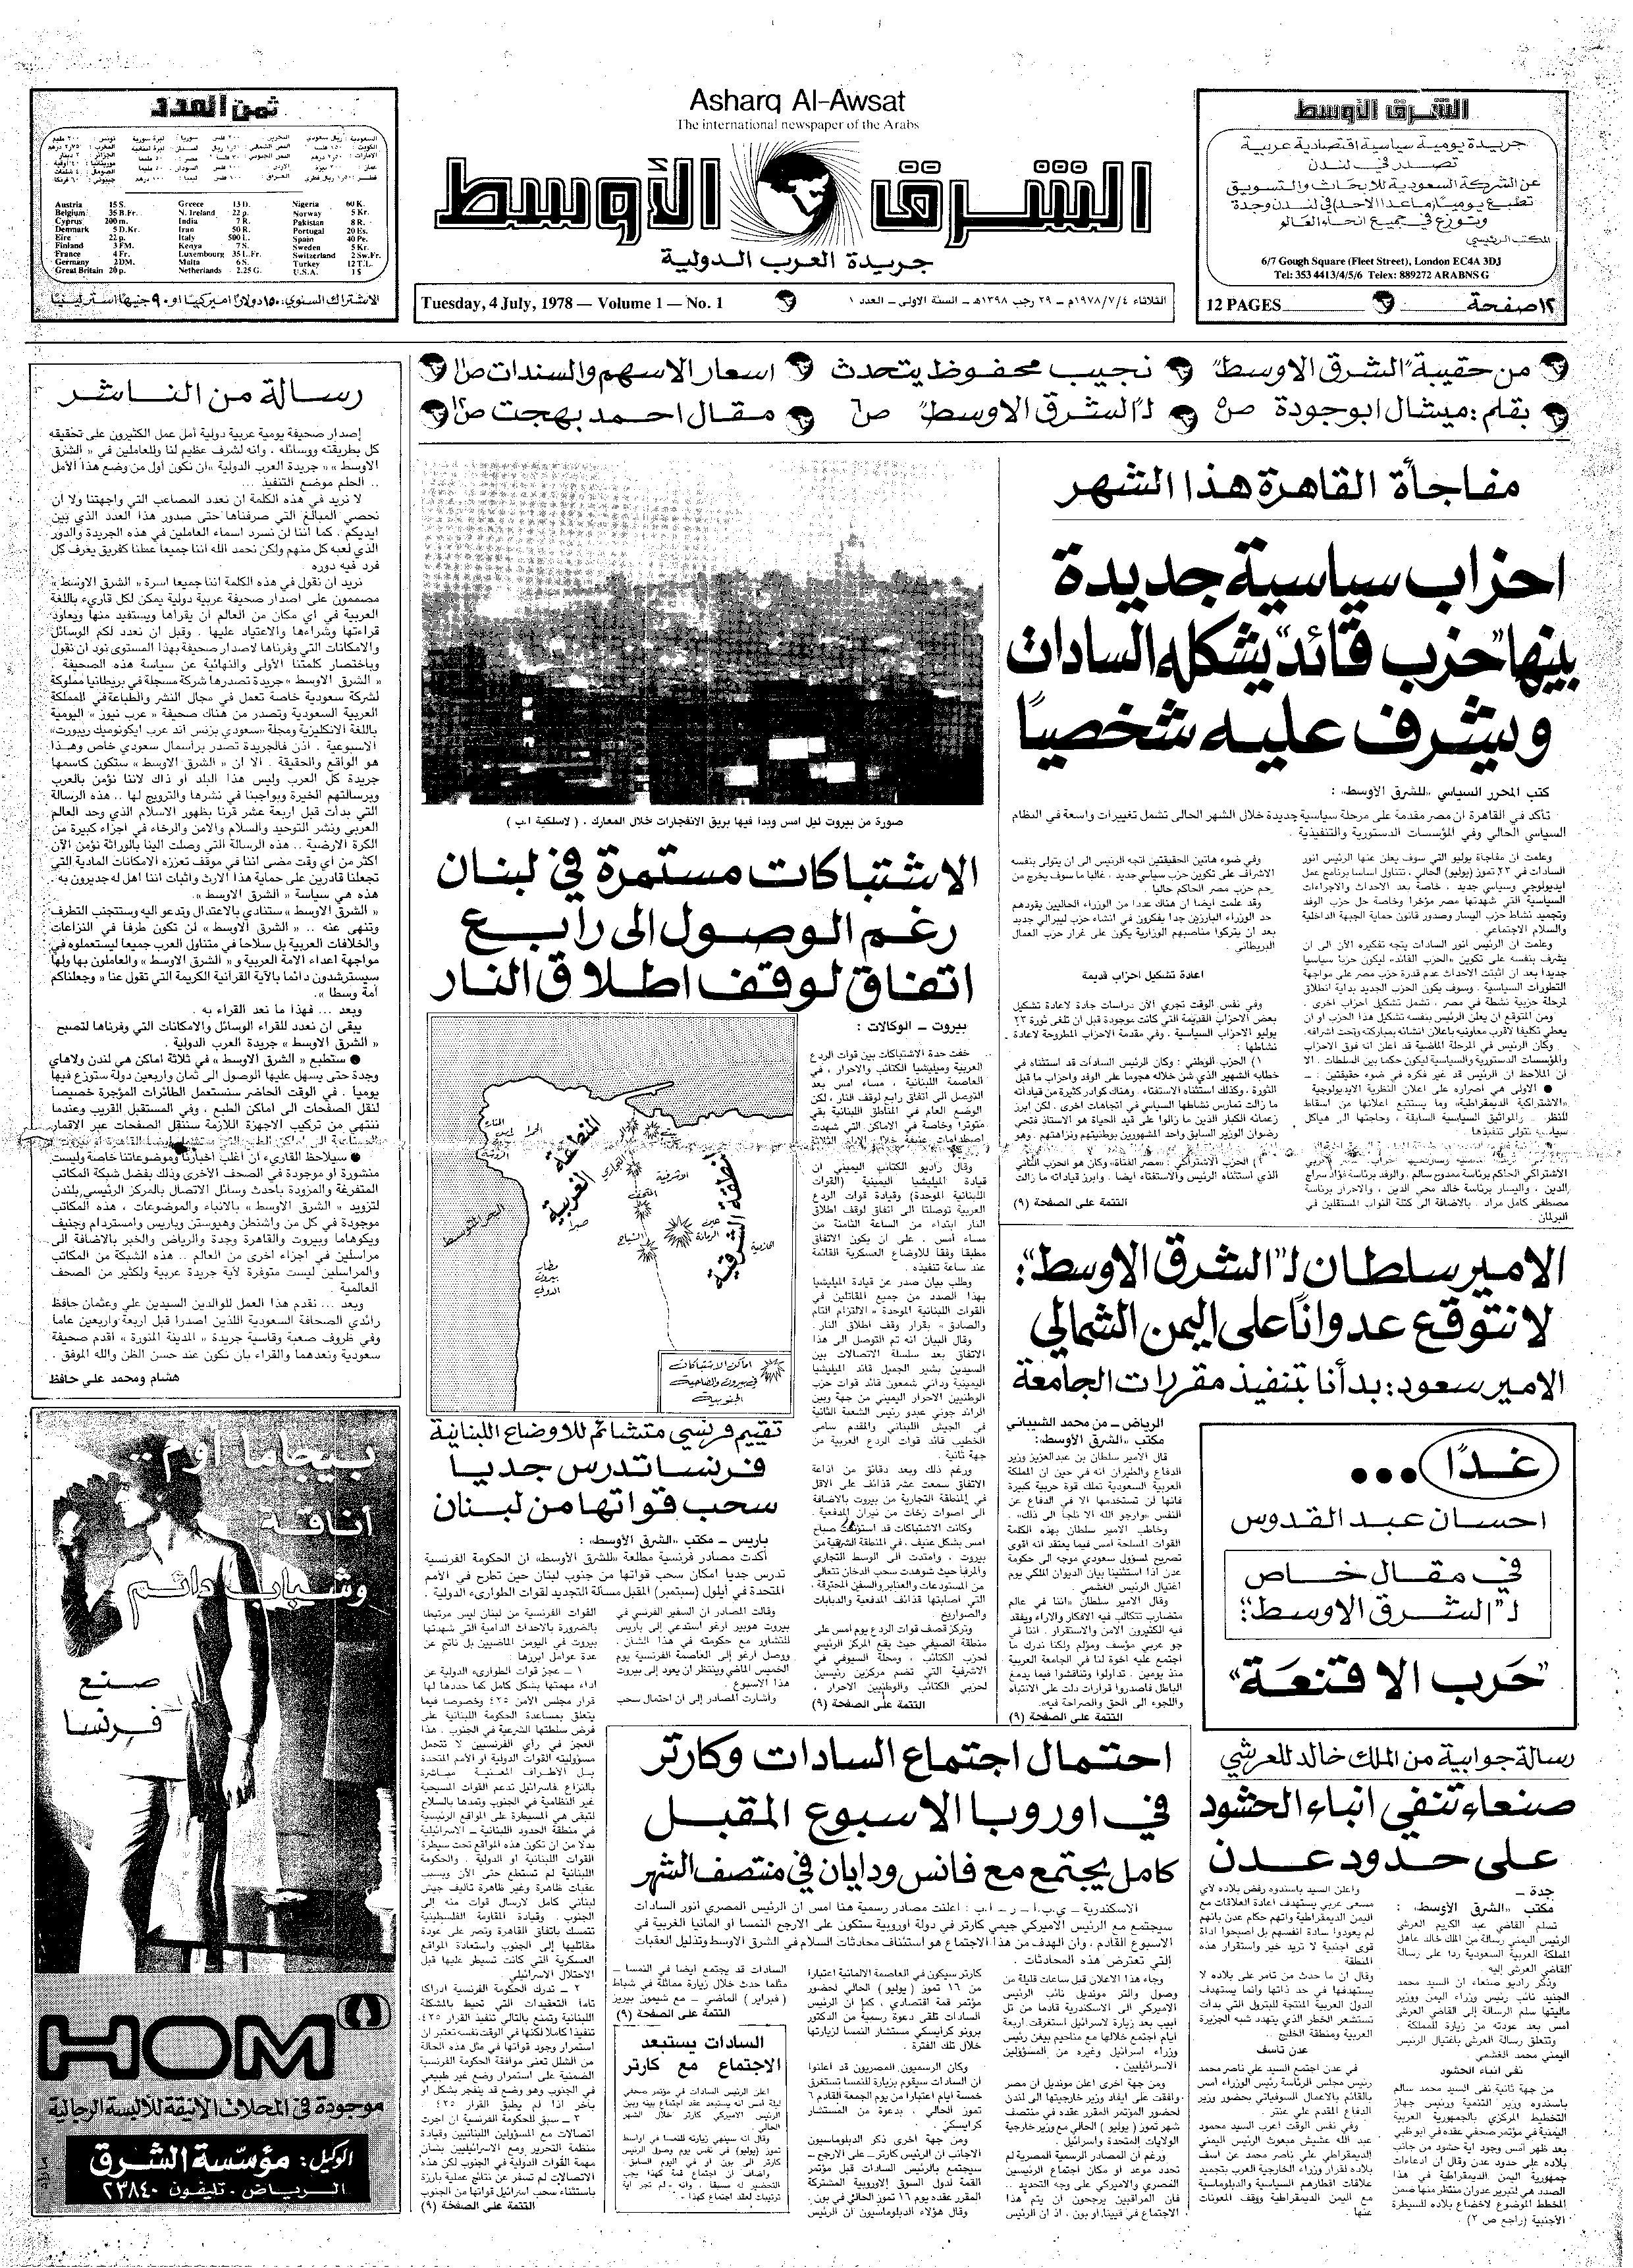 الشرق الأوسط: صحيفة عربية دولية أُسّست في لندن في الرابع من يوليو  1978